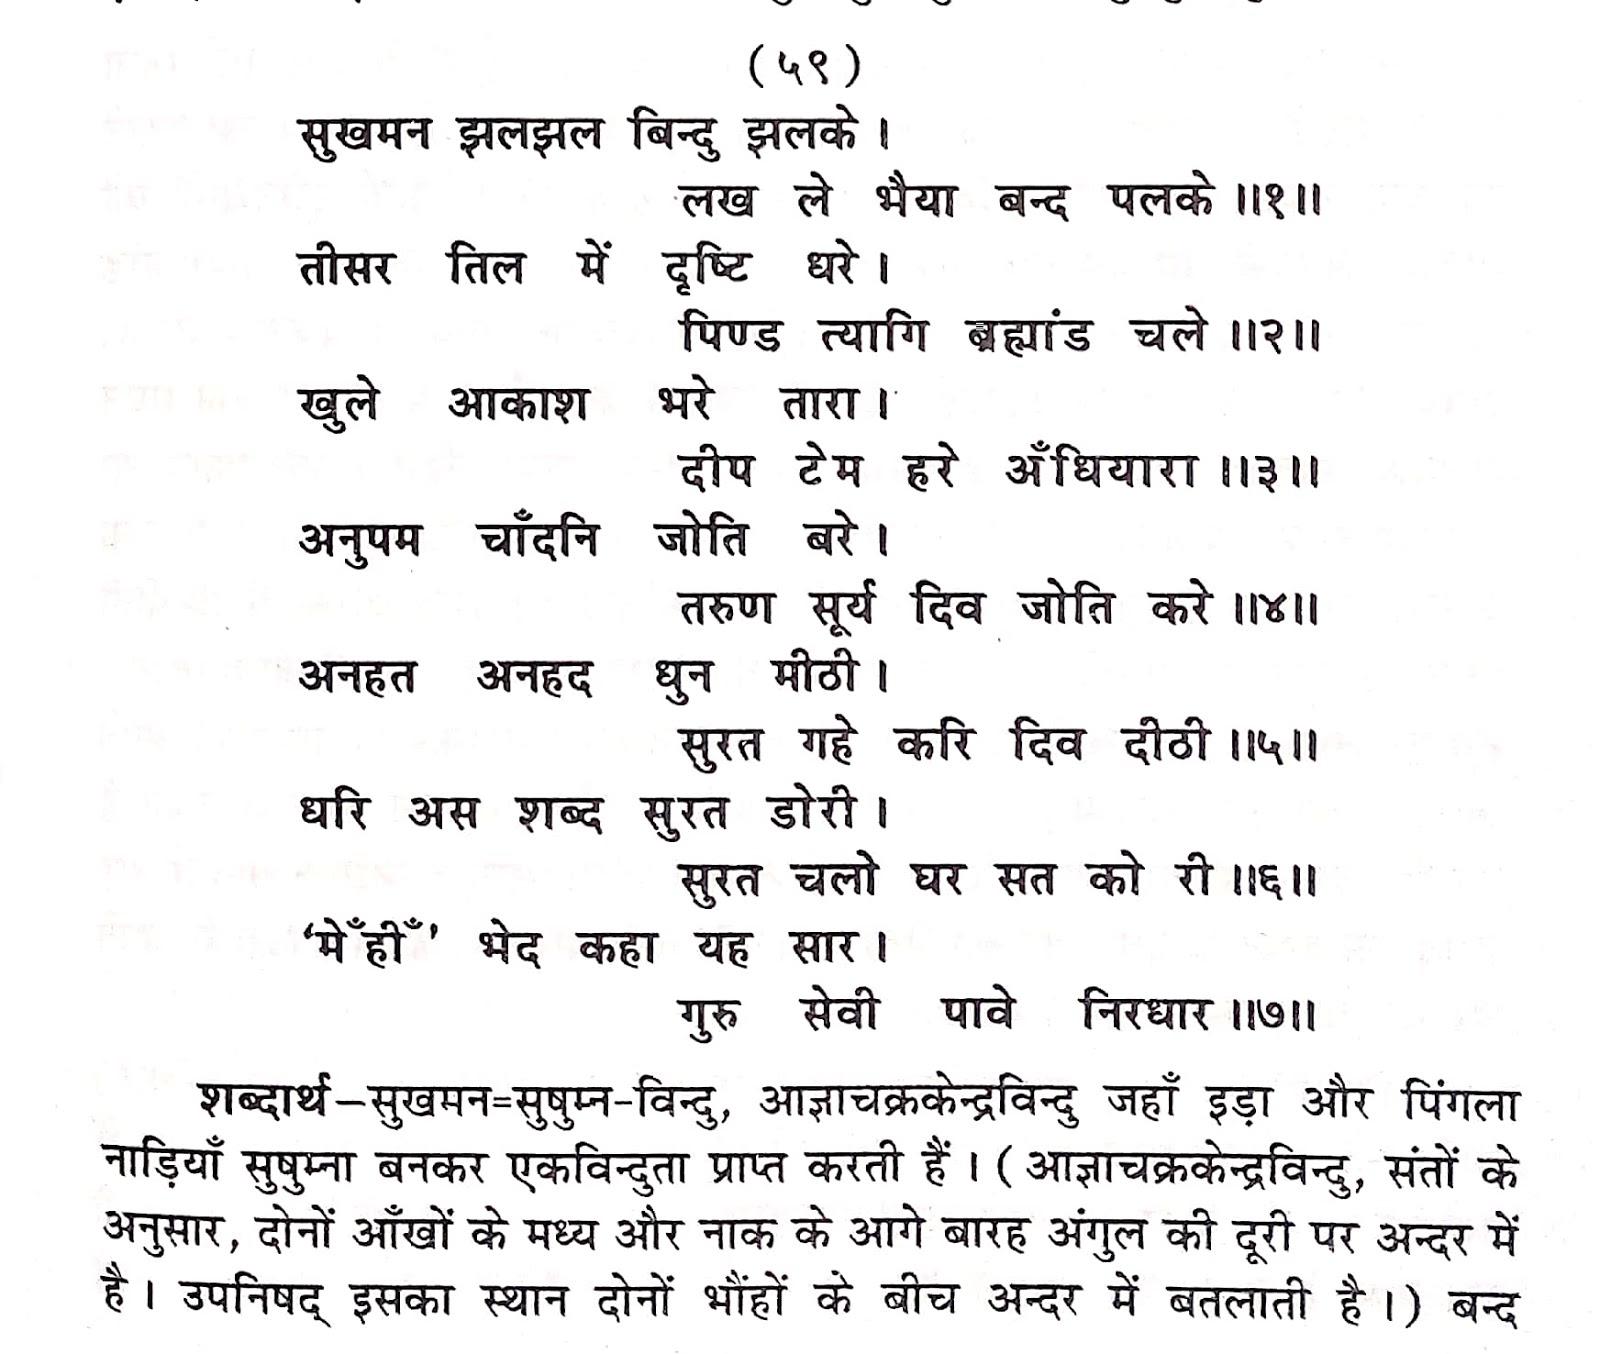 """P59, How do you meditate? """"सुखमन झलझल बिन्दु झलके।..."""" महर्षि मेंहीं पदावली अर्थ सहित। पदावली भजन 59 और शब्दार्थ। ध्यान विधि।"""